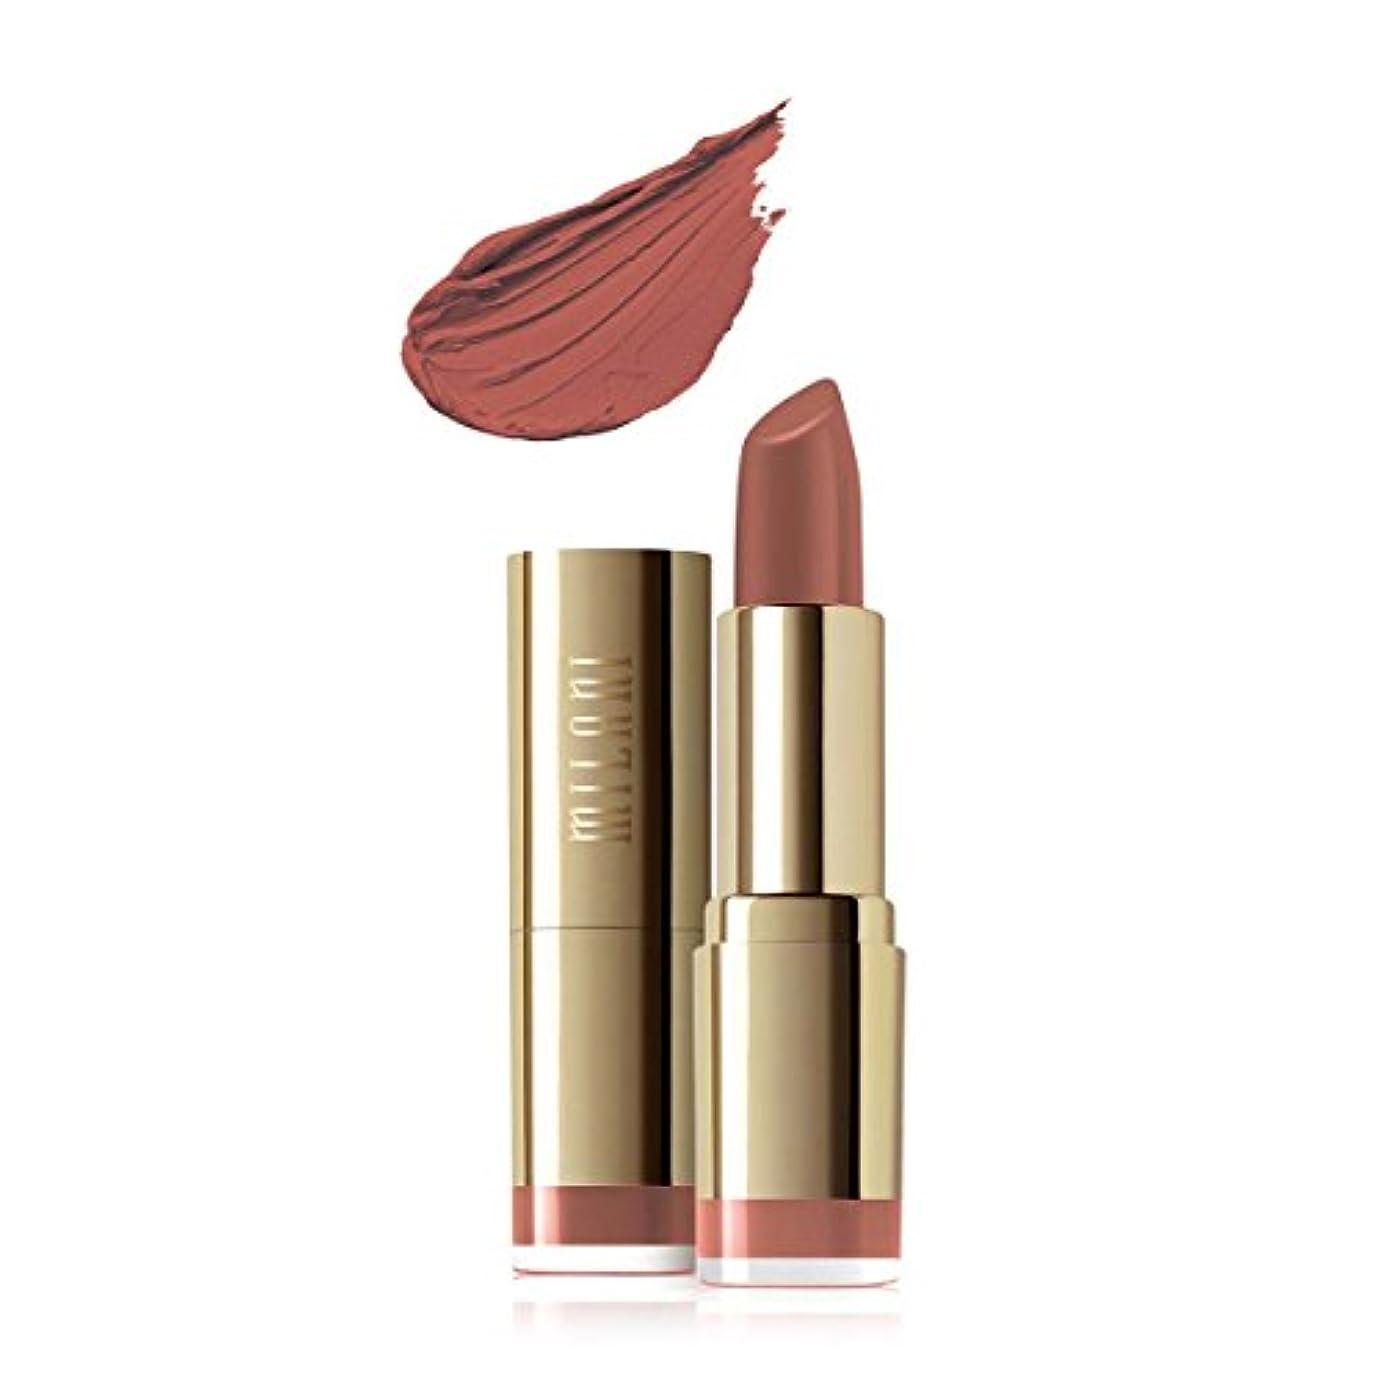 違反するダイエット友だちMILANI Color Statement Moisture Matte Lipstick - Matte Beauty (並行輸入品)